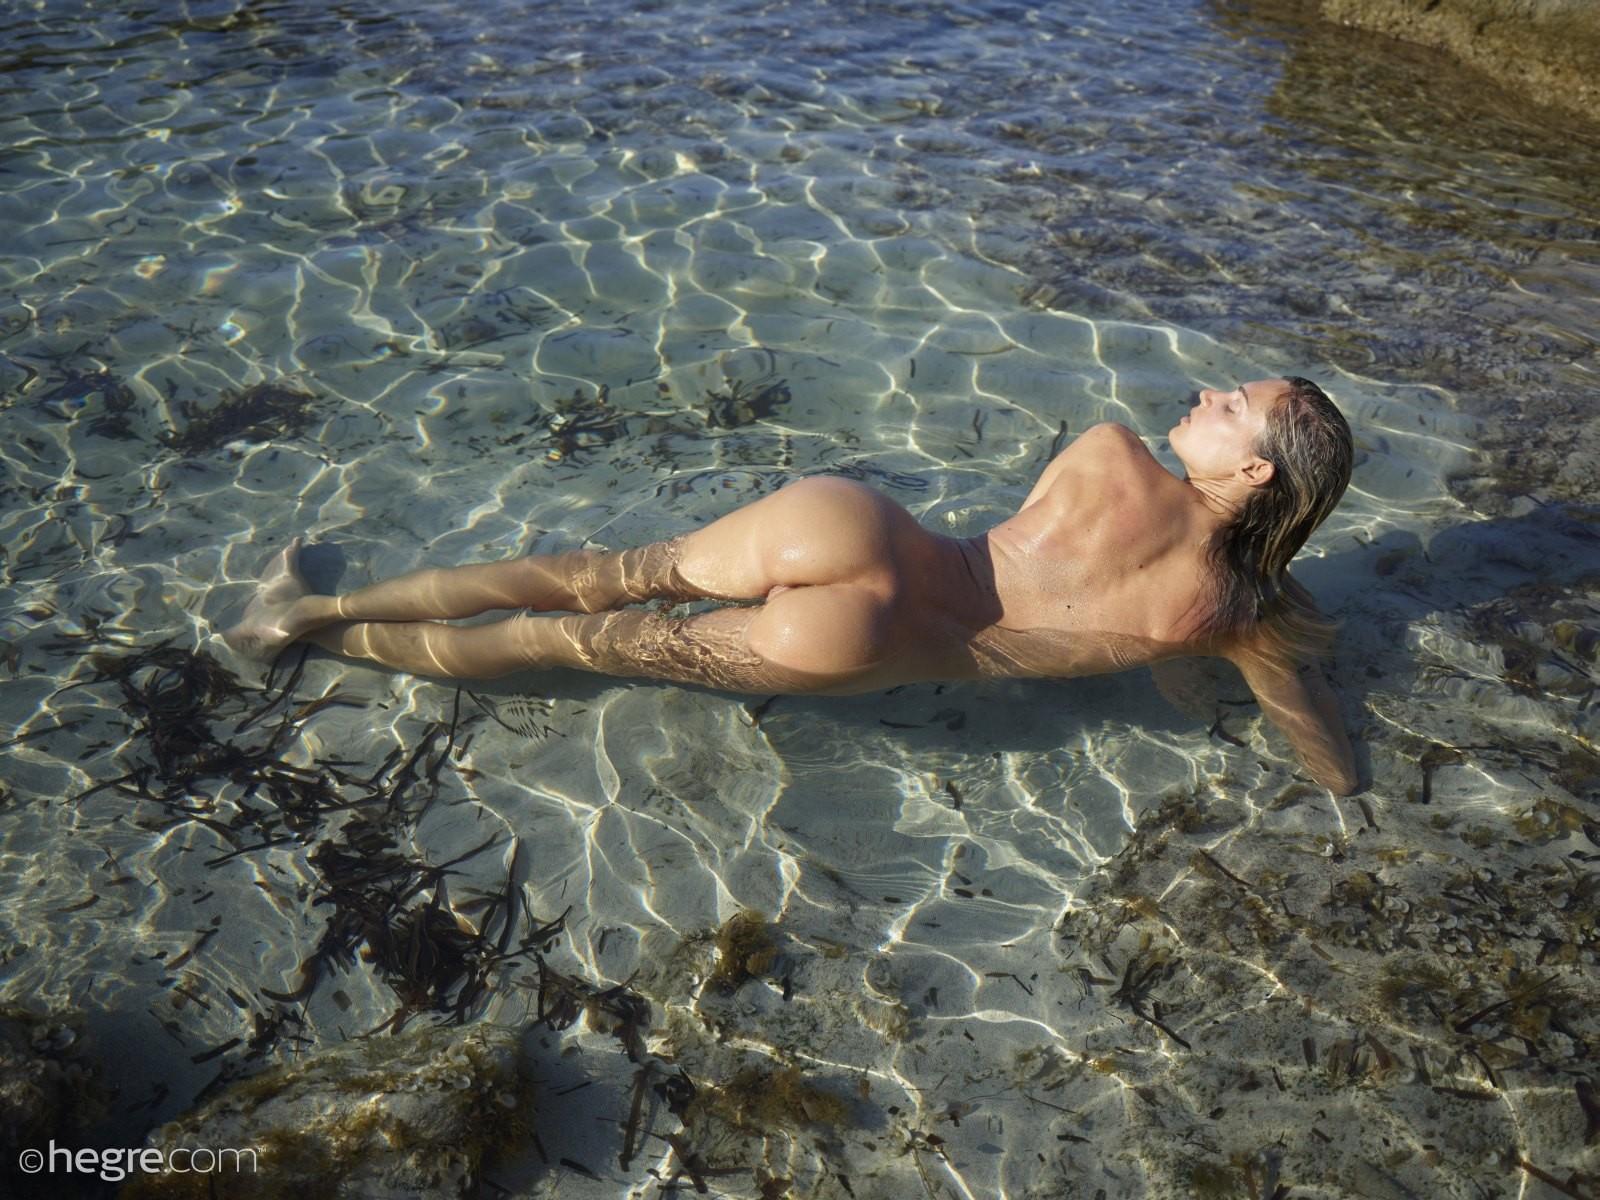 Тощая блондинка голой купается на пляже - фото